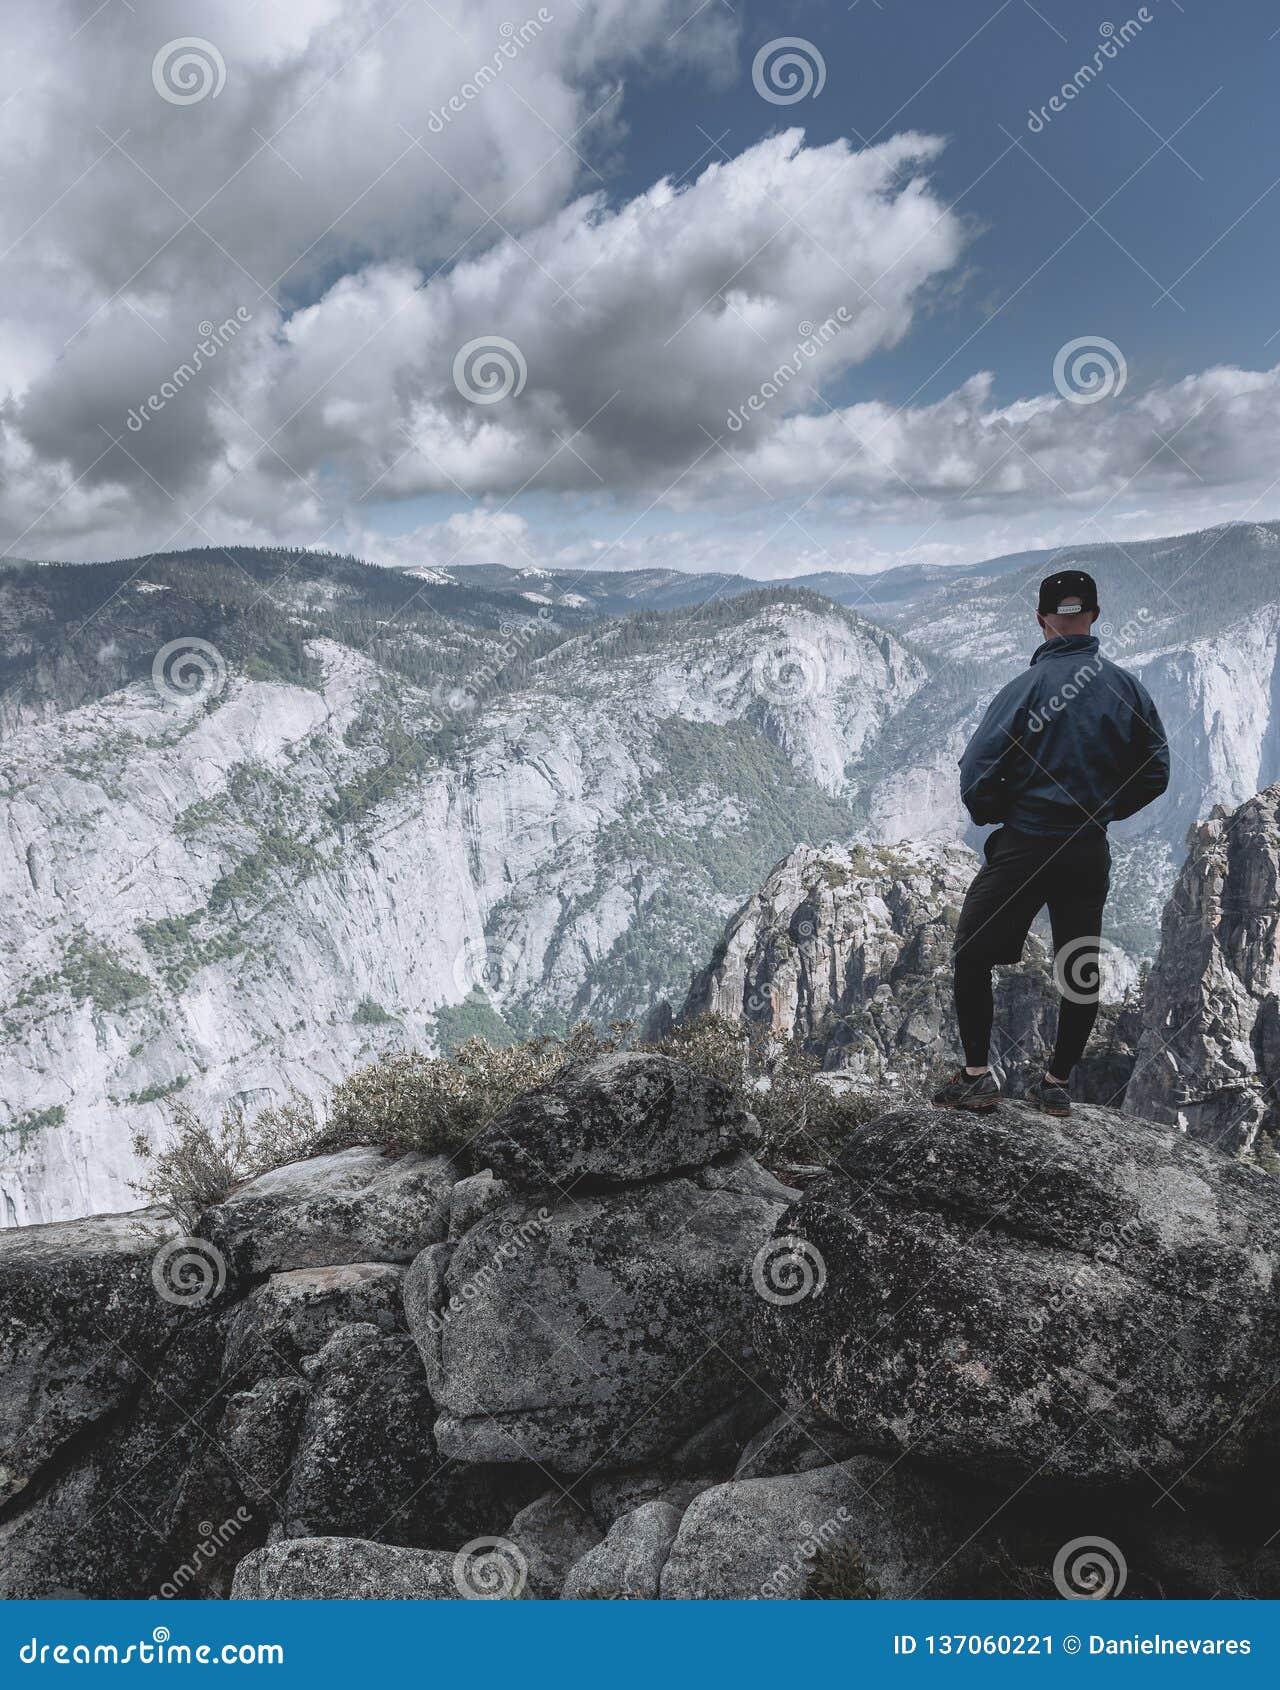 Άτομο που στέκεται μόνο και που κοιτάζει έξω στα βουνά, τα σύννεφα και την κοιλάδα στο εθνικό πάρκο Yosemite